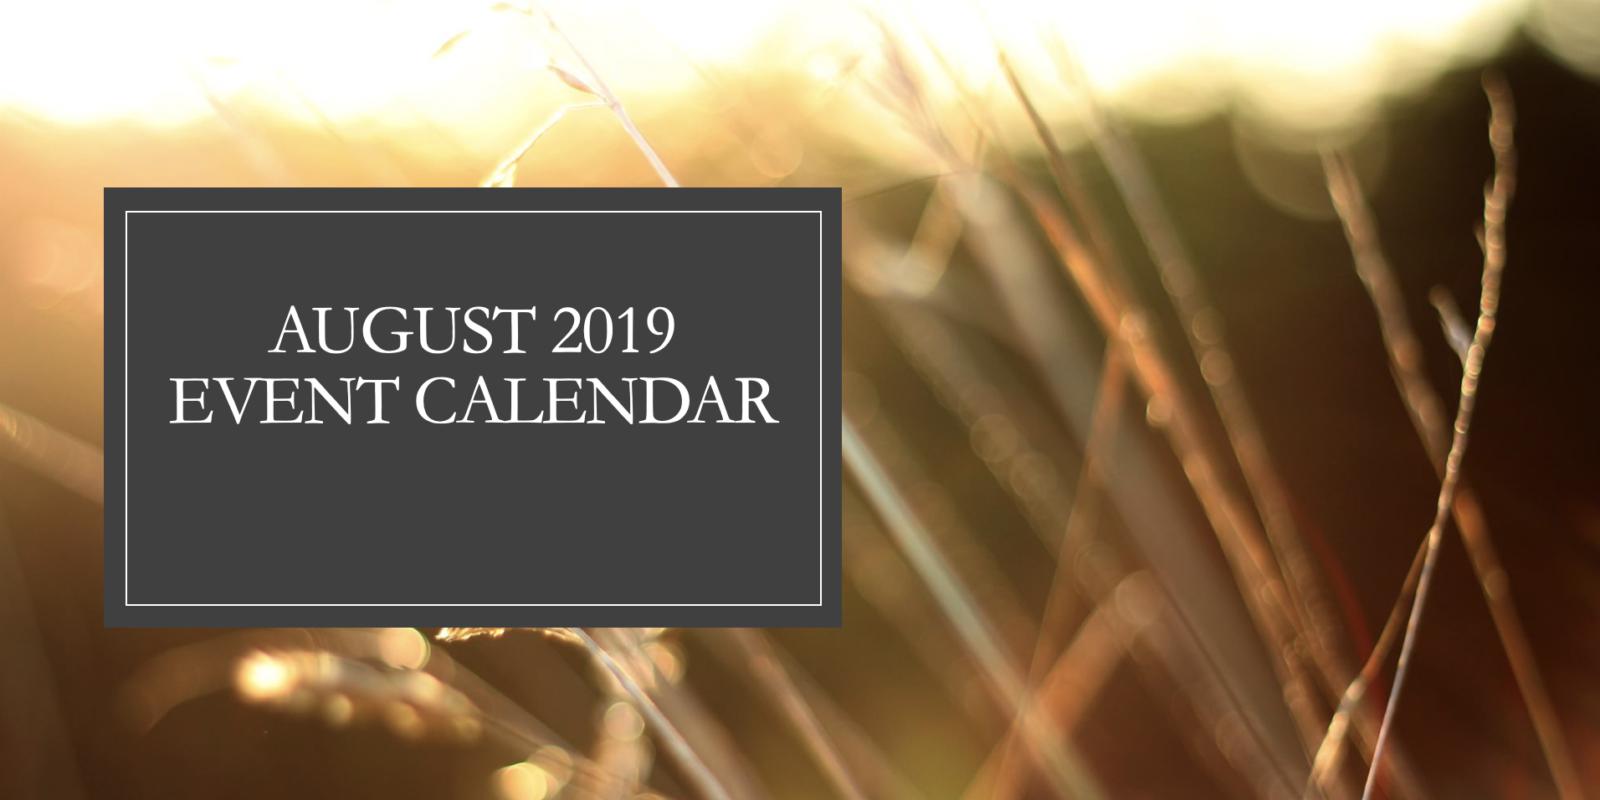 August 2019 Event Calendar